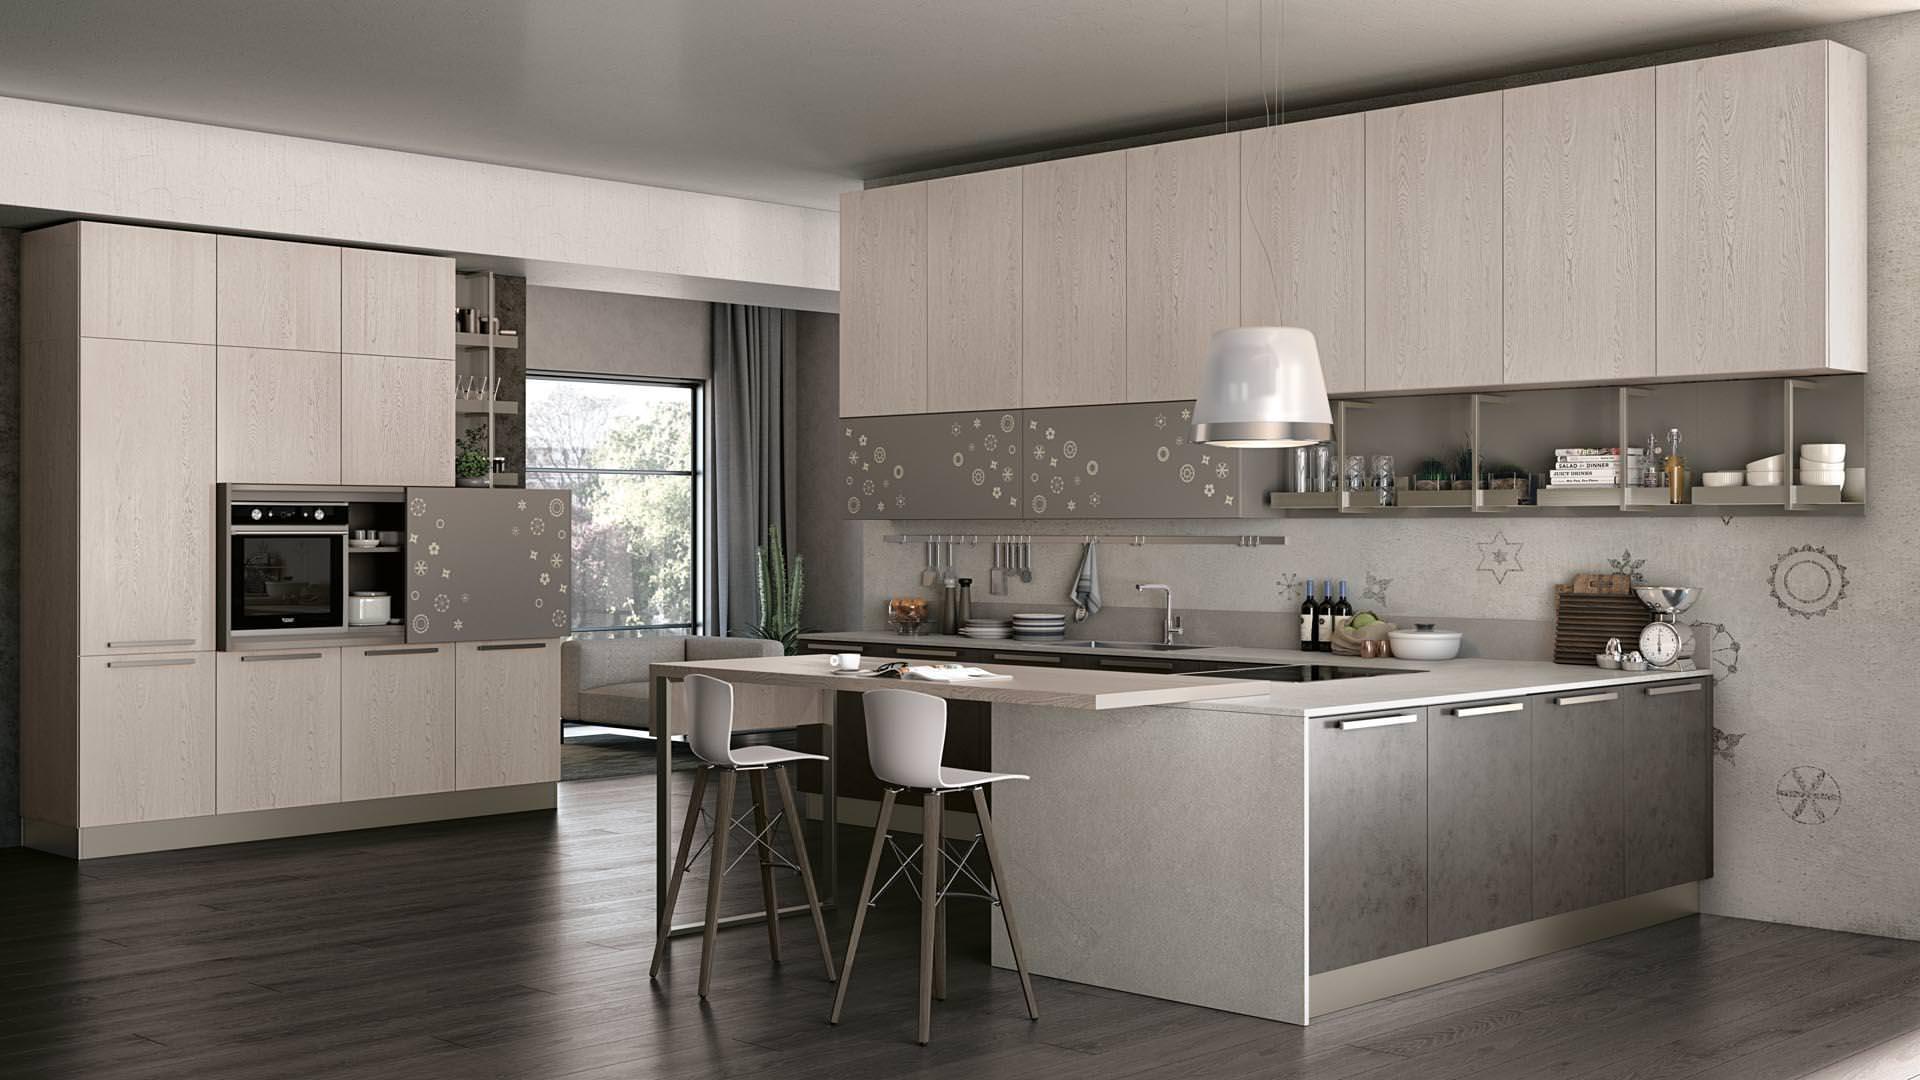 Novità Cucine moderne a Bari, ecco la collezione LUBE CLOVER BRIDGE ...